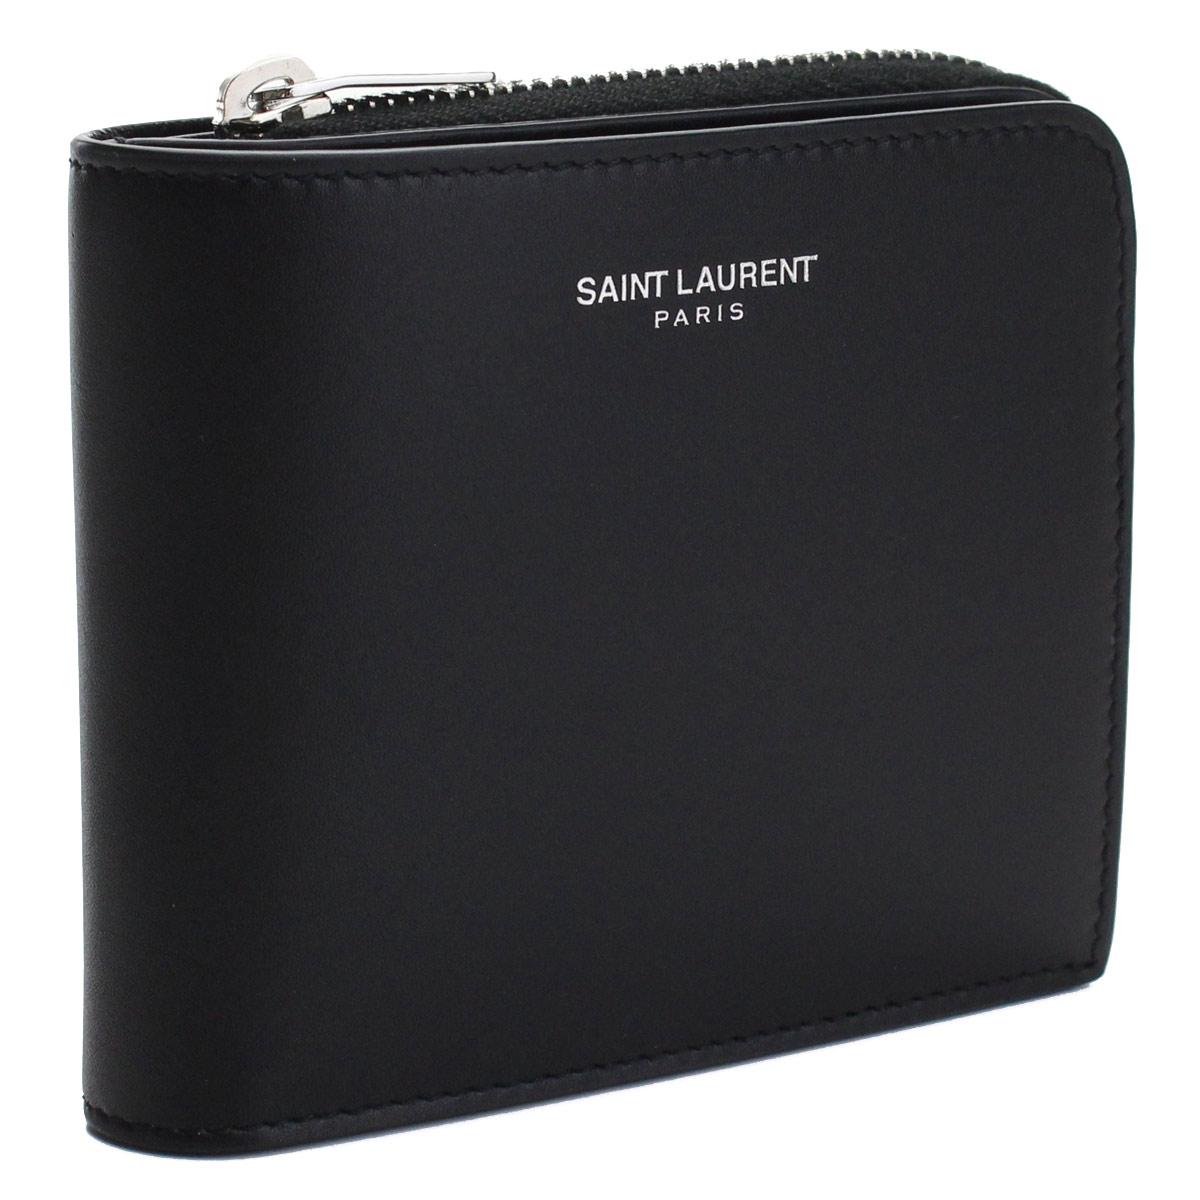 サンローラン SAINT LAURENT コンパクト財布 2つ折り財布 556268 0U90N 1000 ブラック メンズ